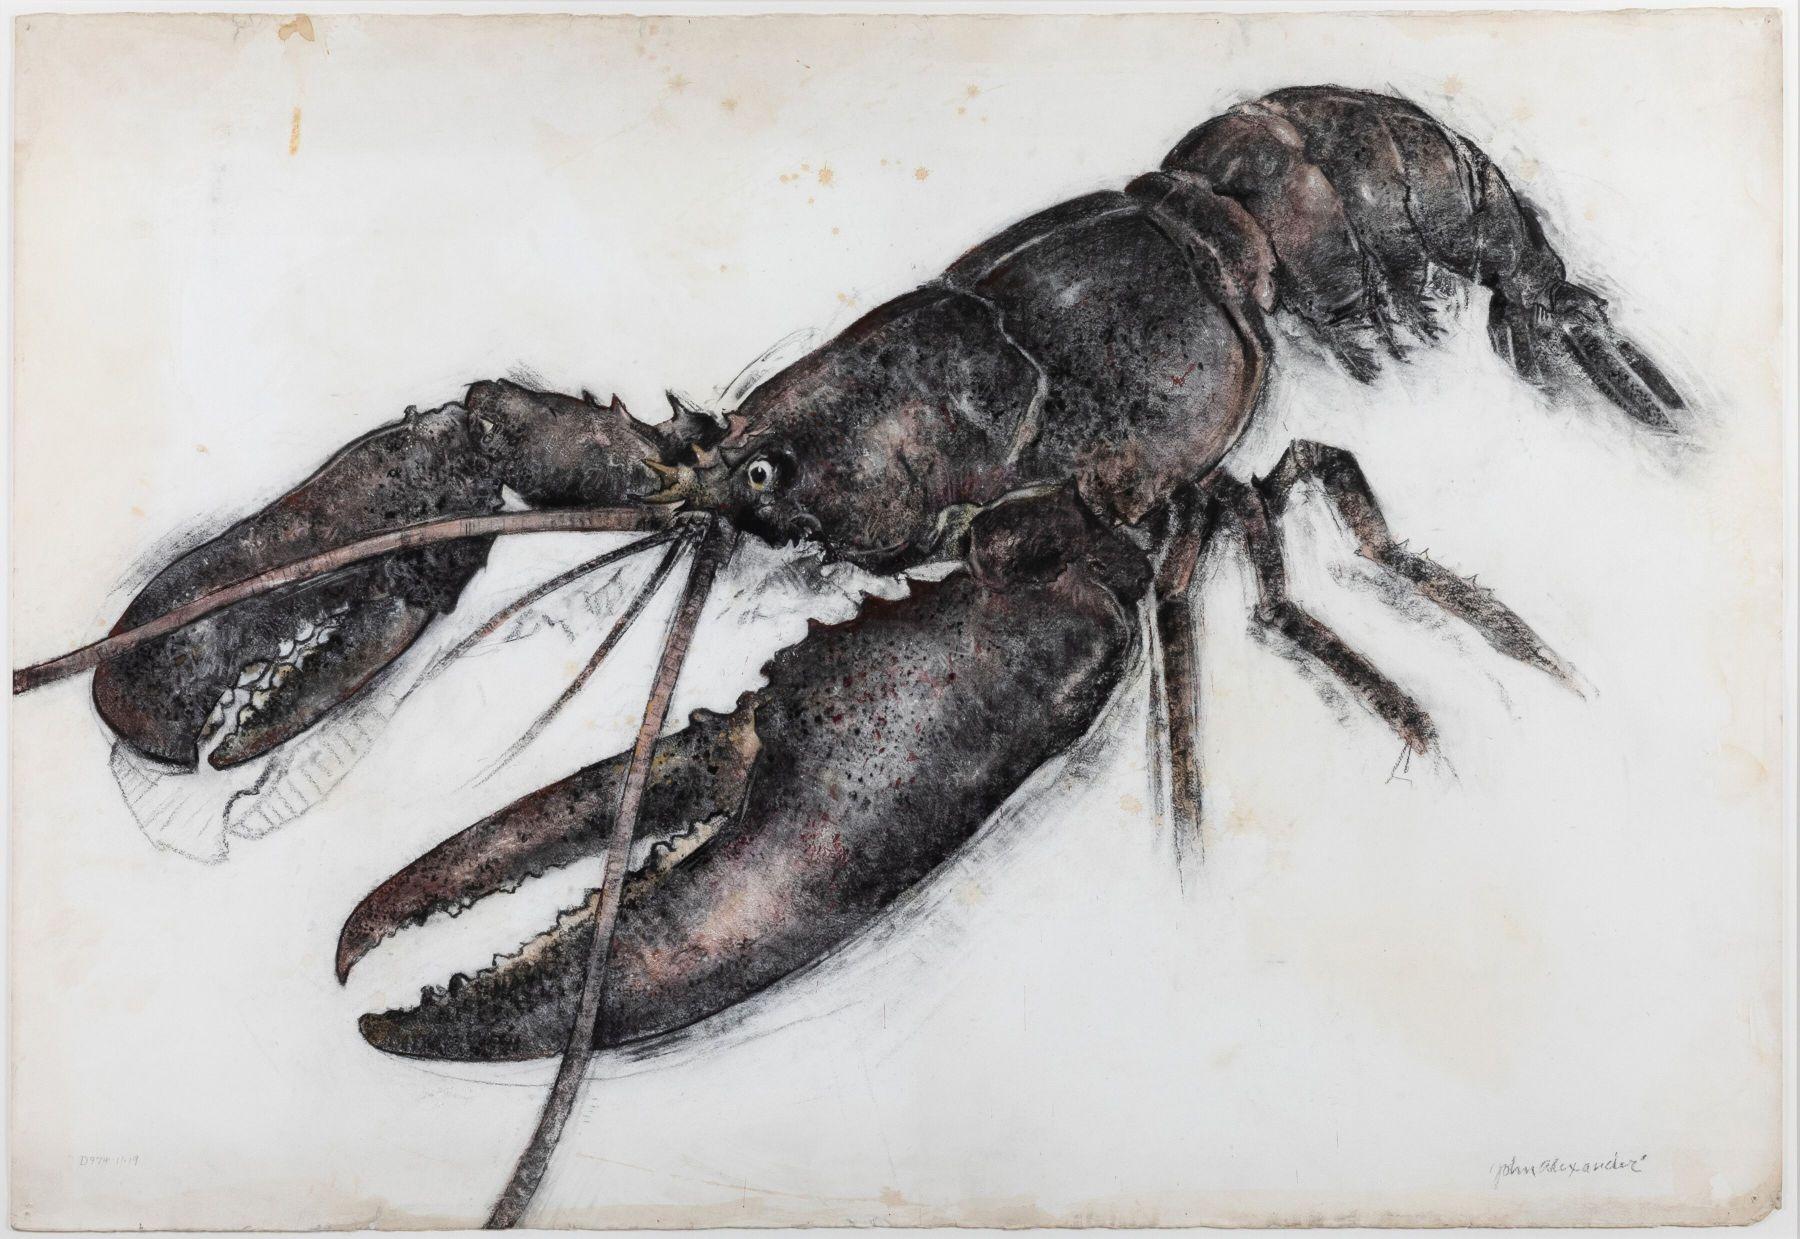 John Alexander The Mighty Crustacean, 2019